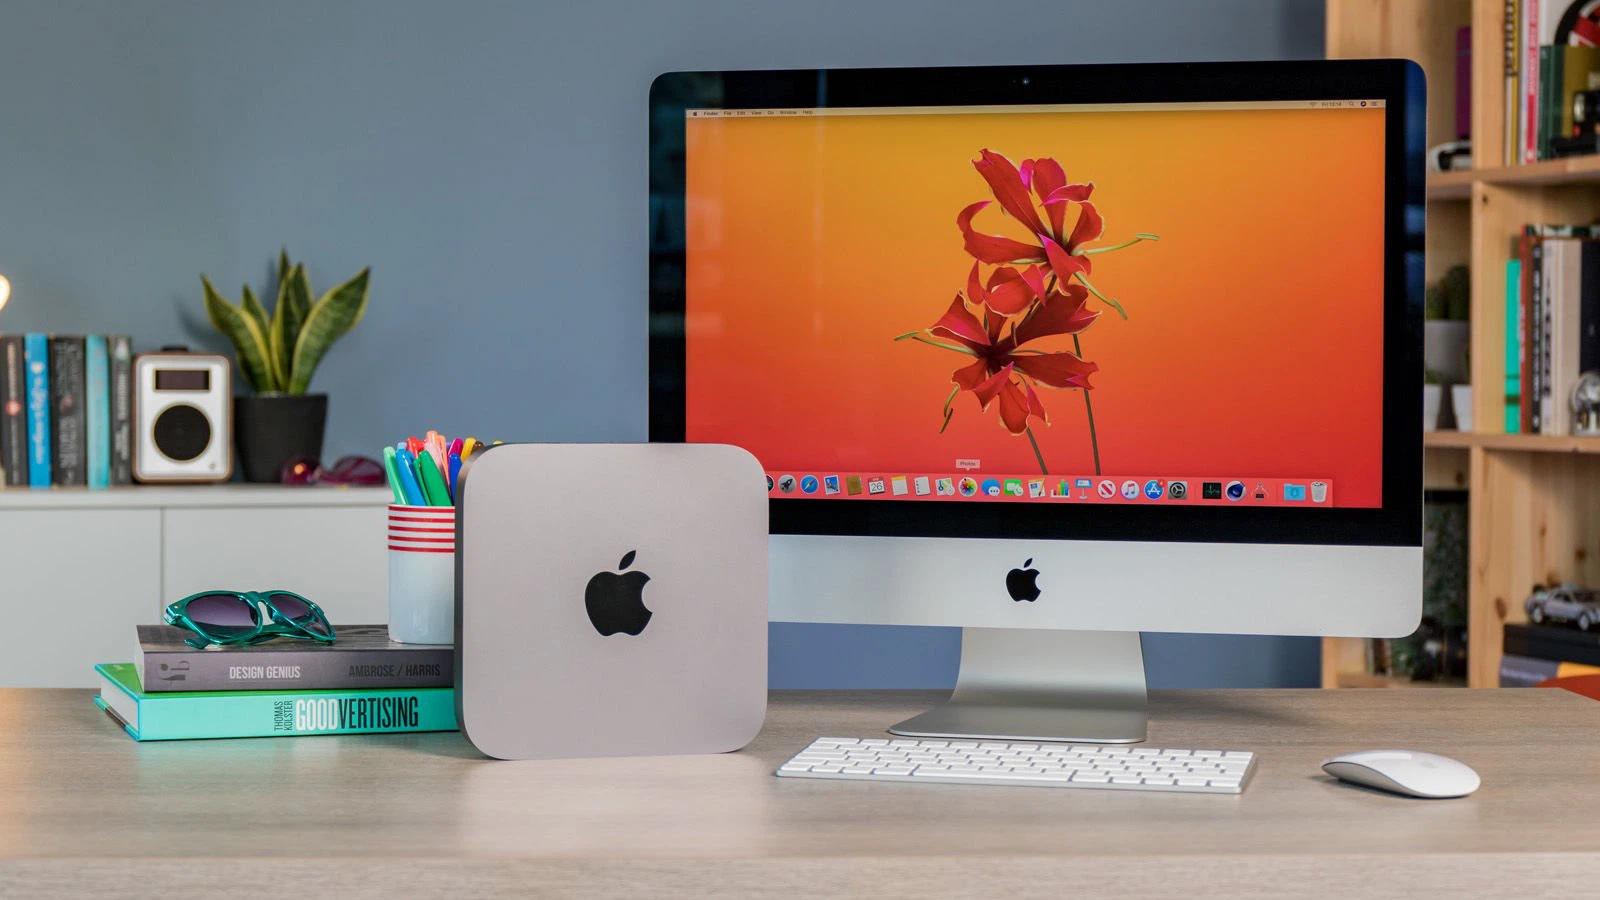 Chuyển sang chế độ chờ không hiển thị hộp thoại trên iMac